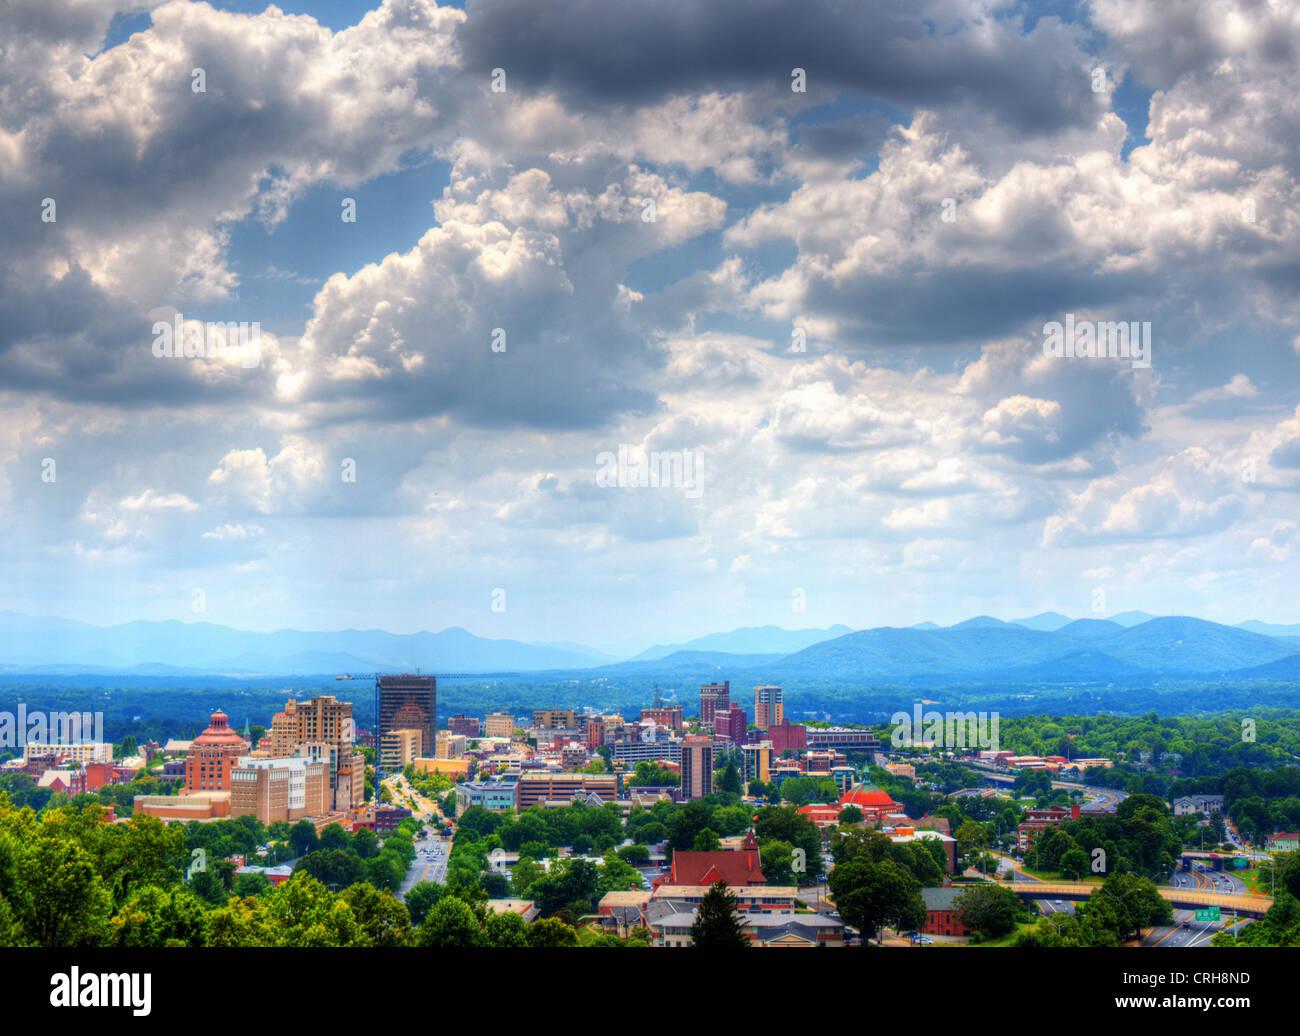 Vitesse datation Asheville NC tendance de rencontres occasionnels